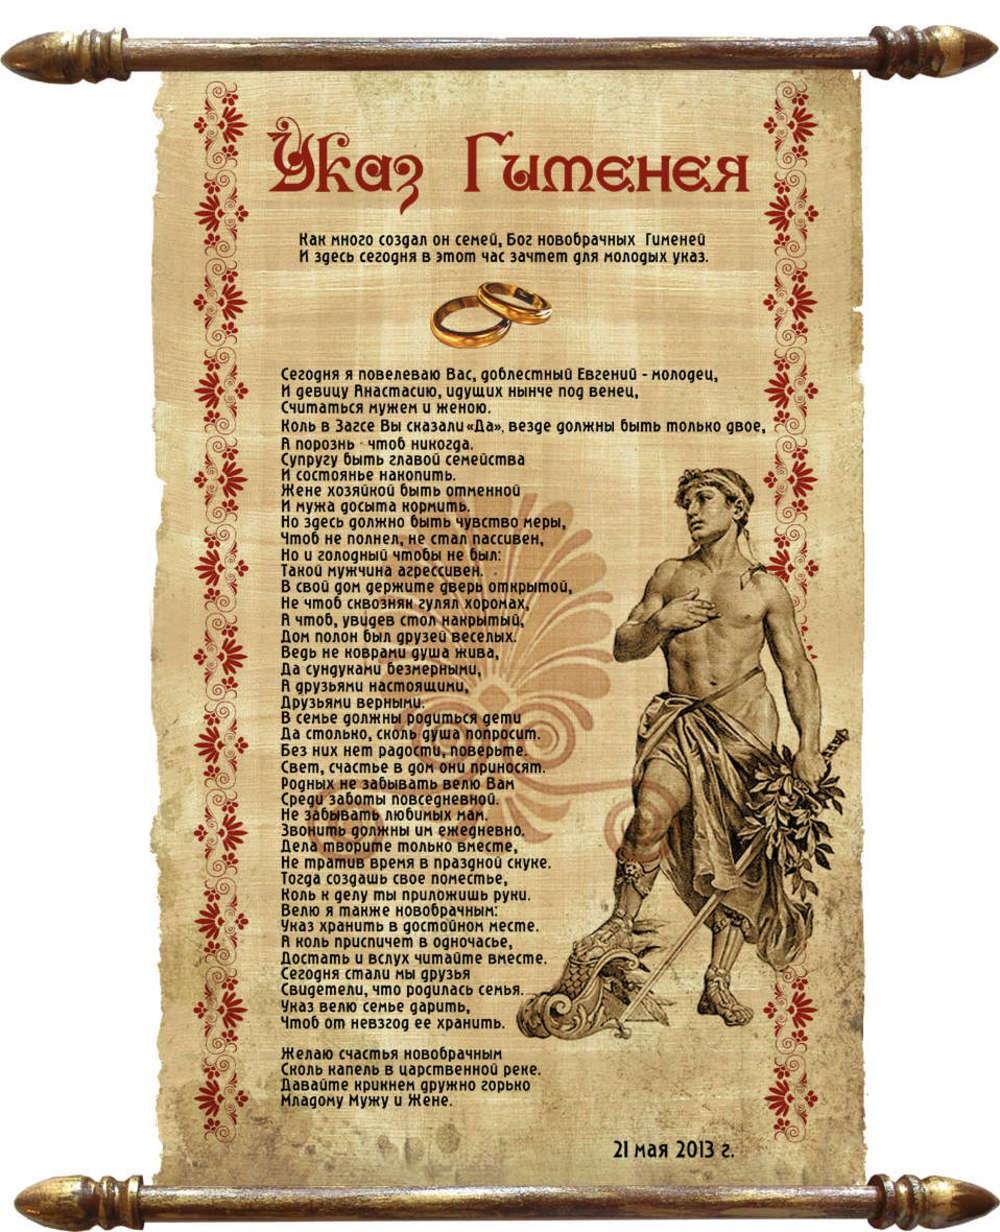 Поздравления молодоженов на белорусском языке